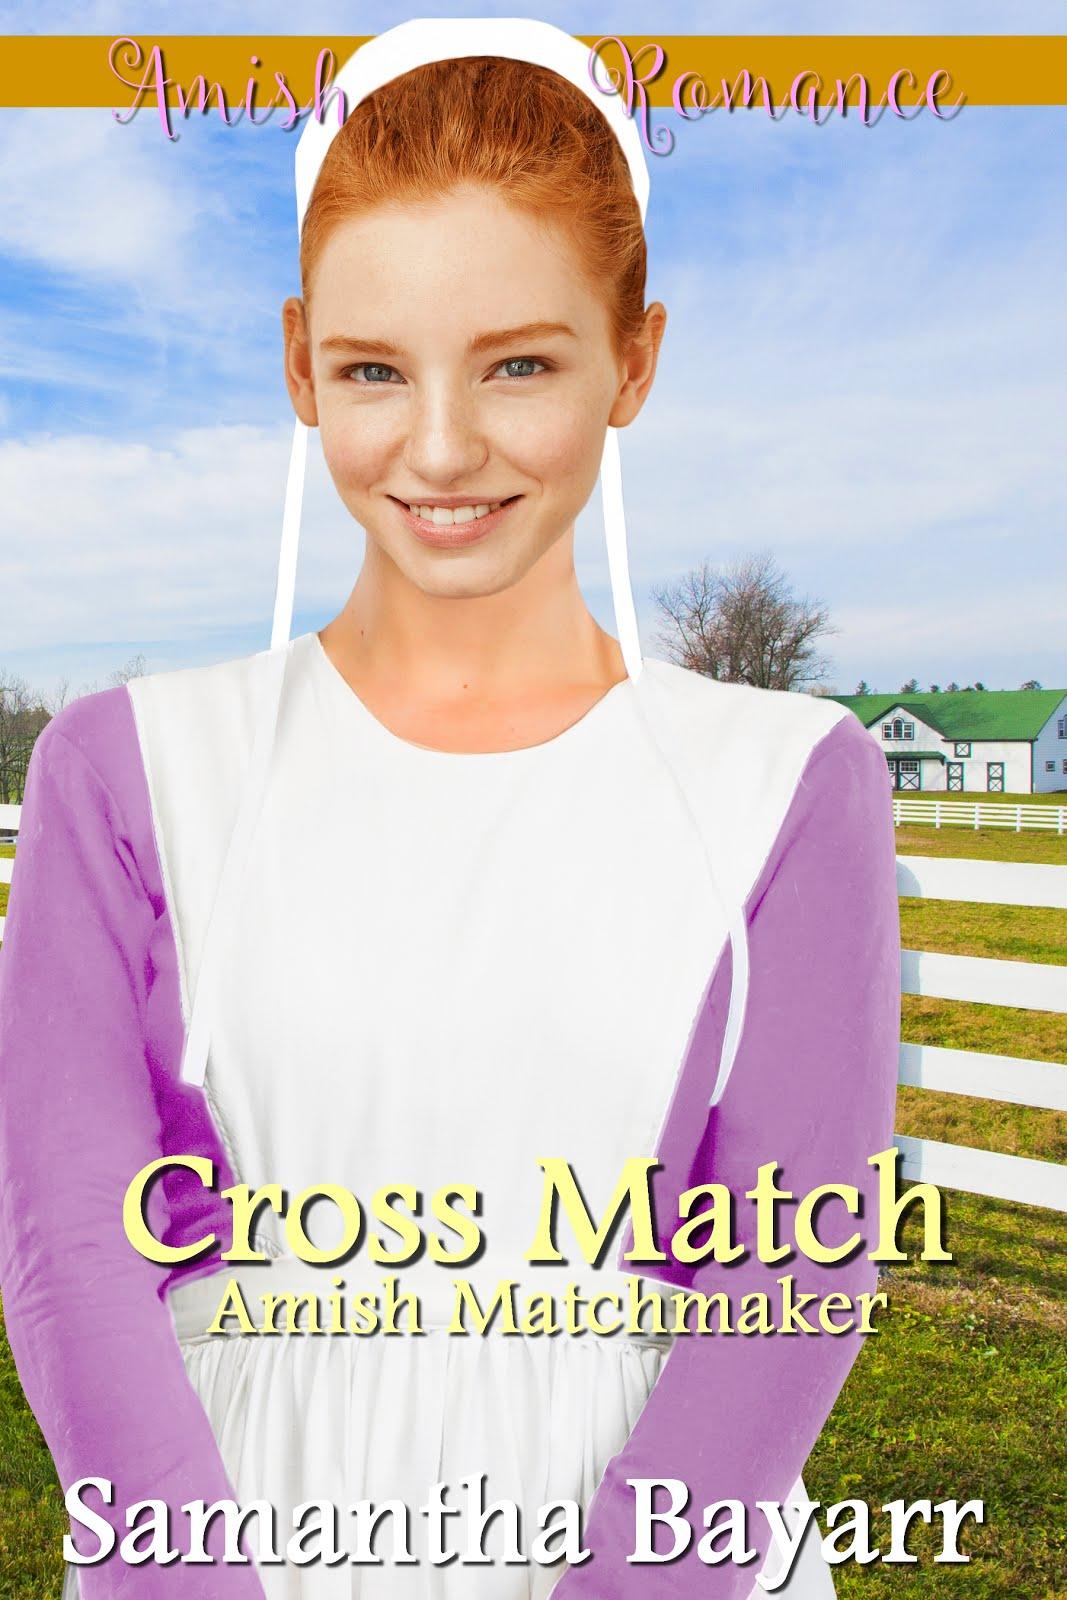 Cross Match